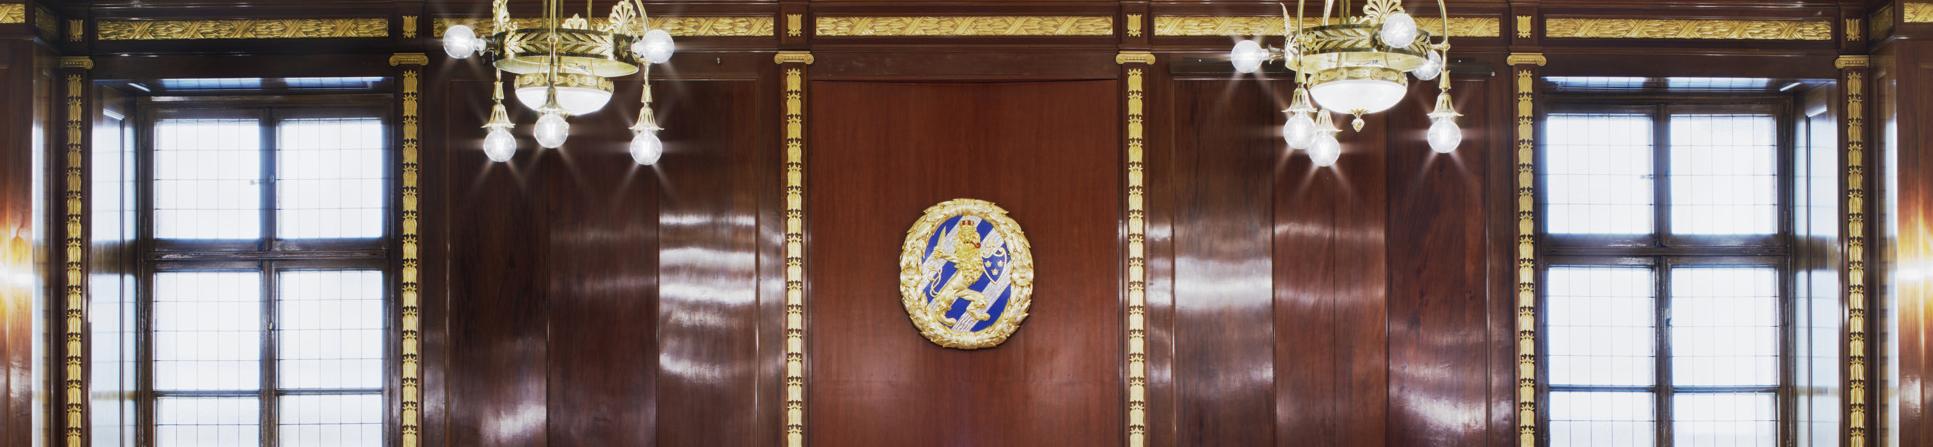 Trävägg, takkronor och Göteborgs-emblem i kommunfullmäktigesalen i Börshuset.